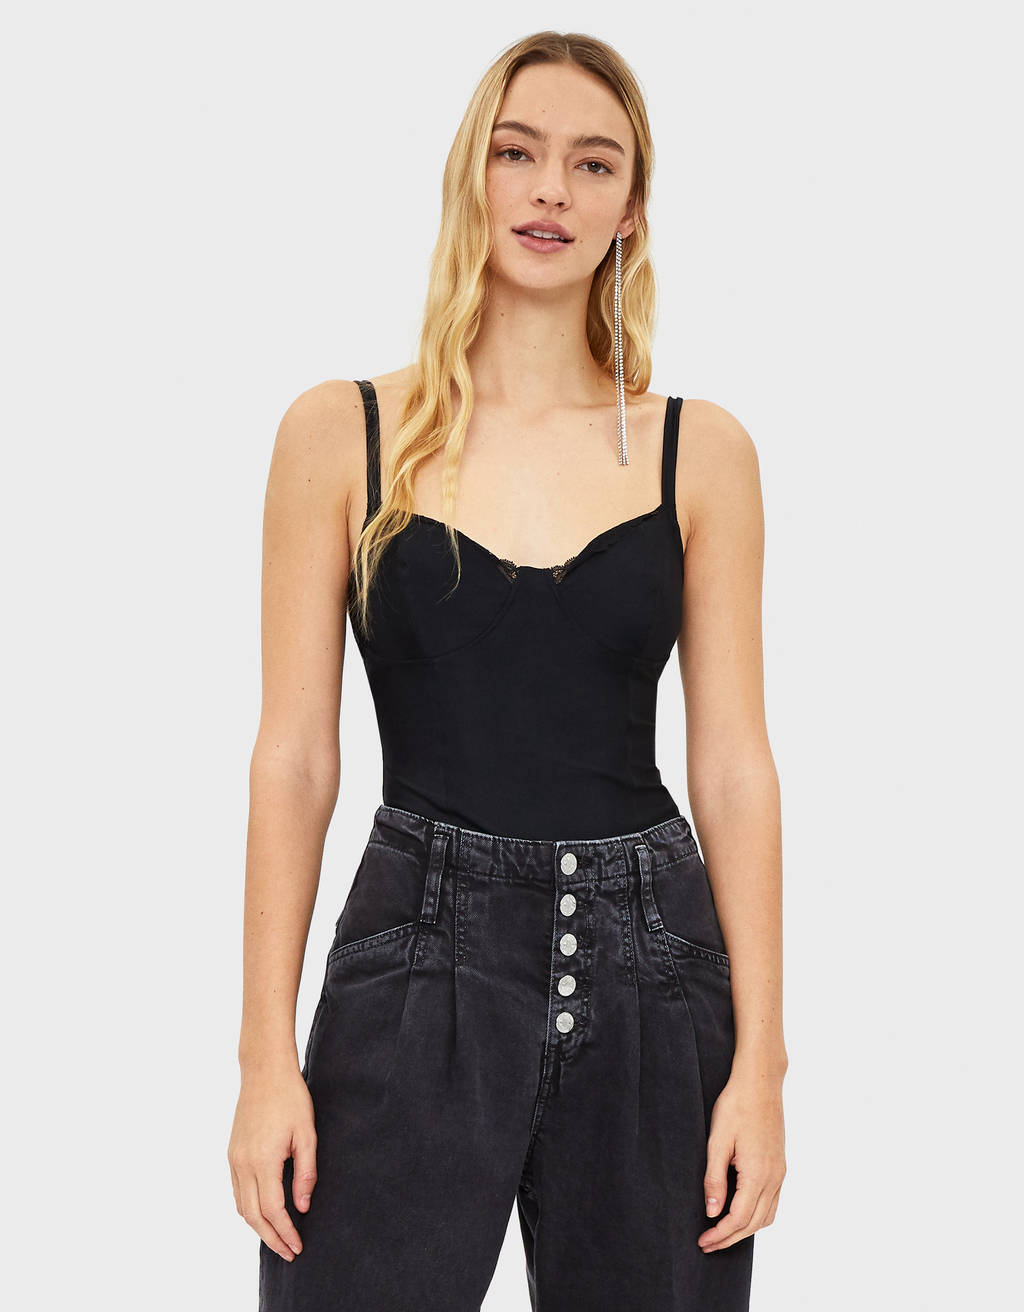 Lace-trimmed corset bodysuit